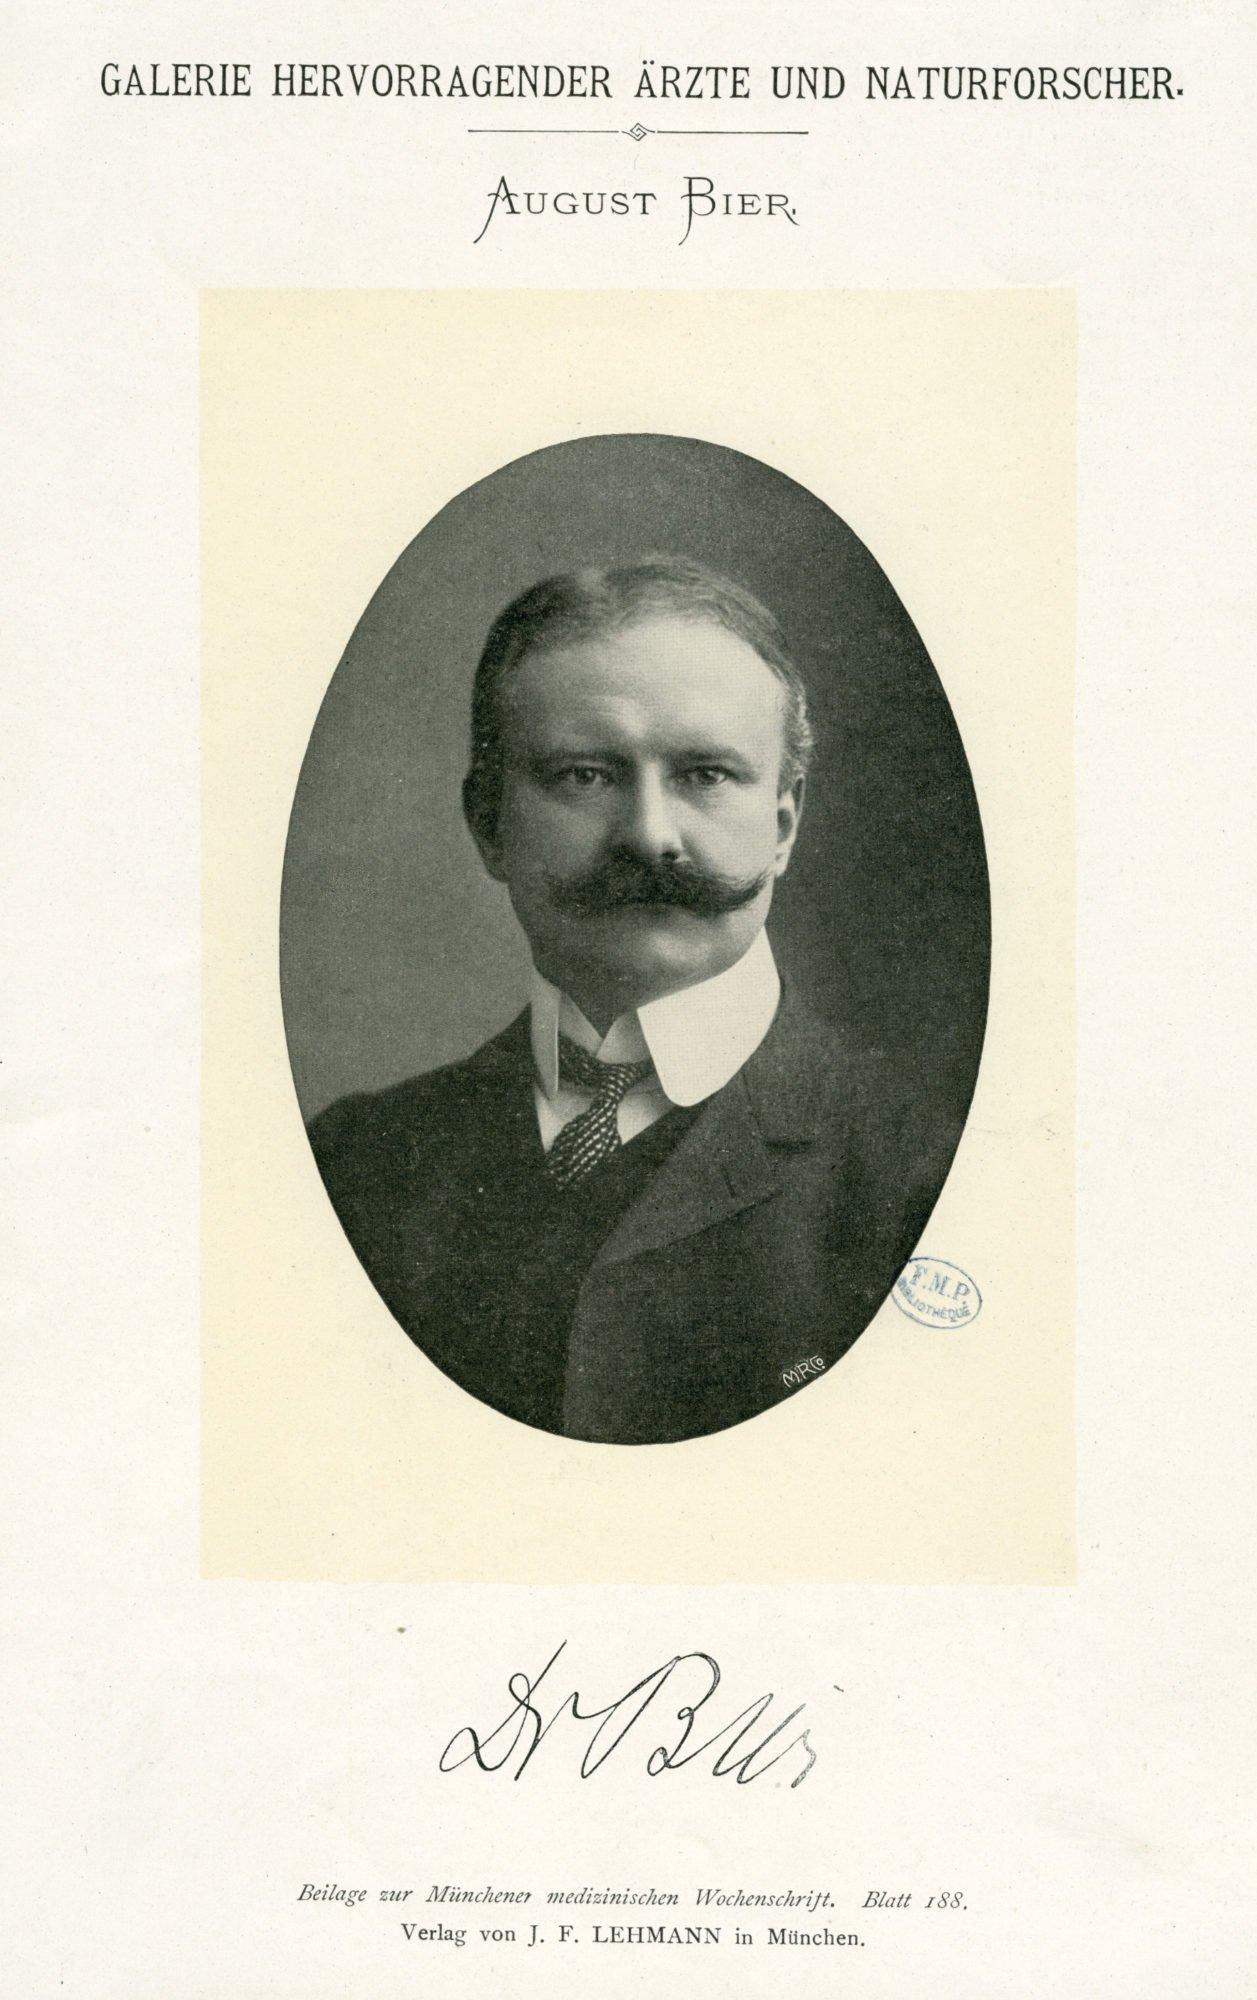 Ein Porträt und die Unterschrift von August Bier aus einem Fachjournal.